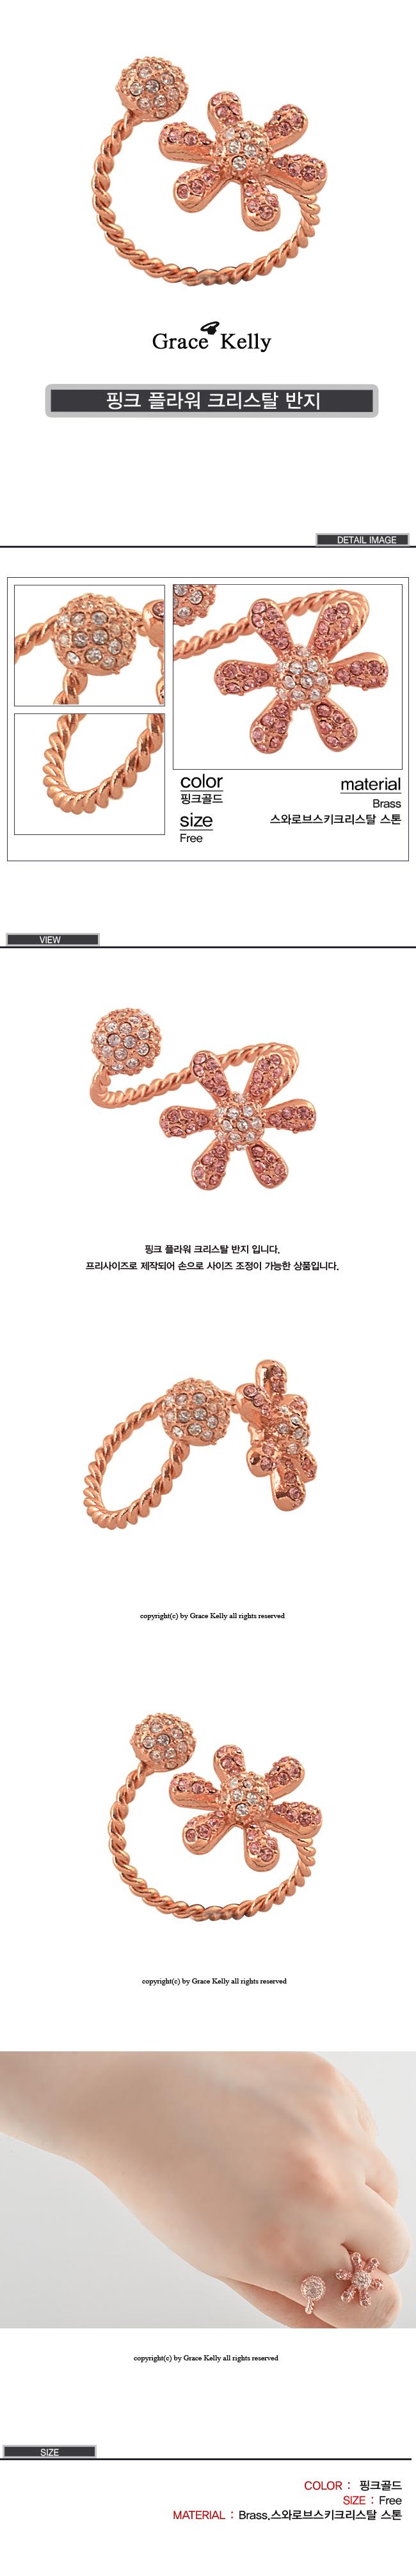 핑크 플라워 크리스탈 반지 - 그레이스켈리, 26,000원, 패션, 패션반지